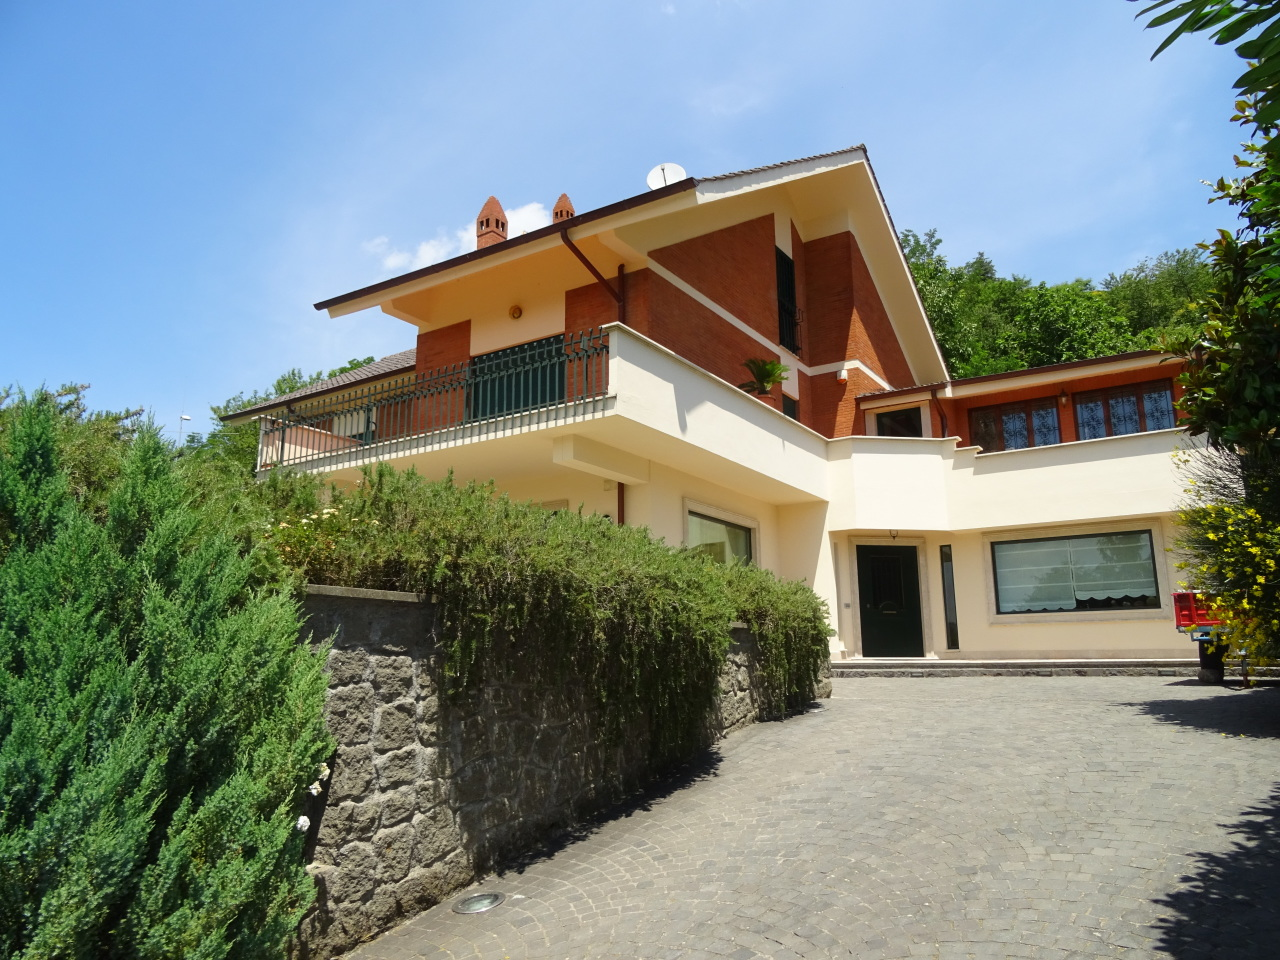 Soluzione Semindipendente in affitto a Rocca Priora, 12 locali, prezzo € 1.500 | Cambio Casa.it